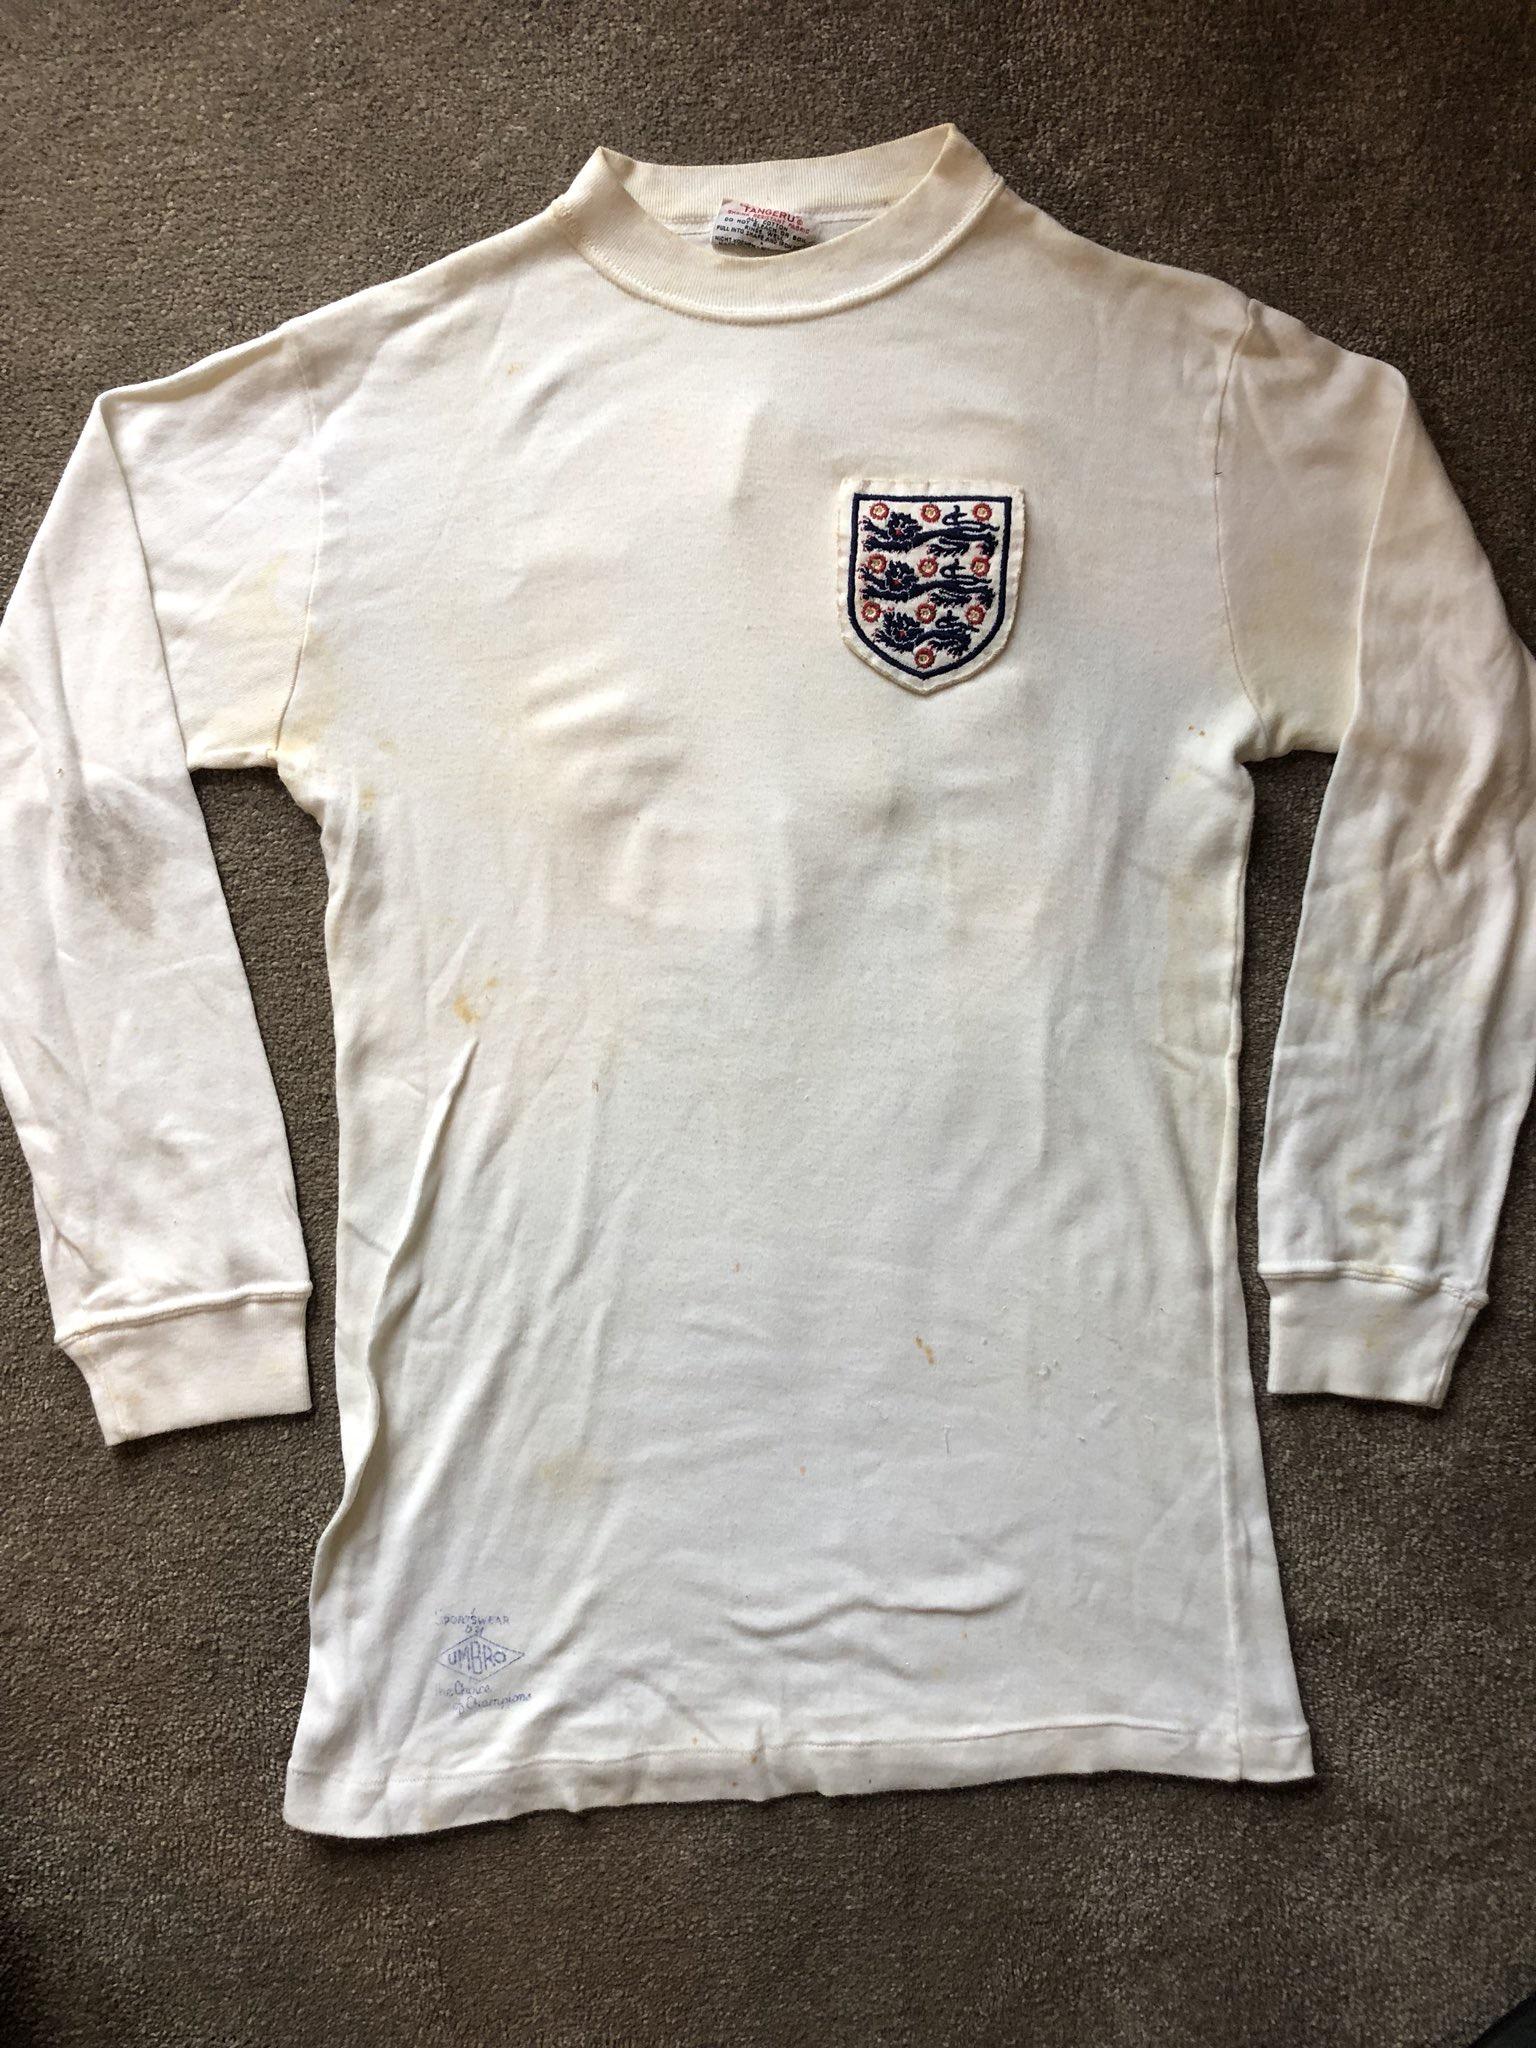 Rodney marsh matchworn shirt